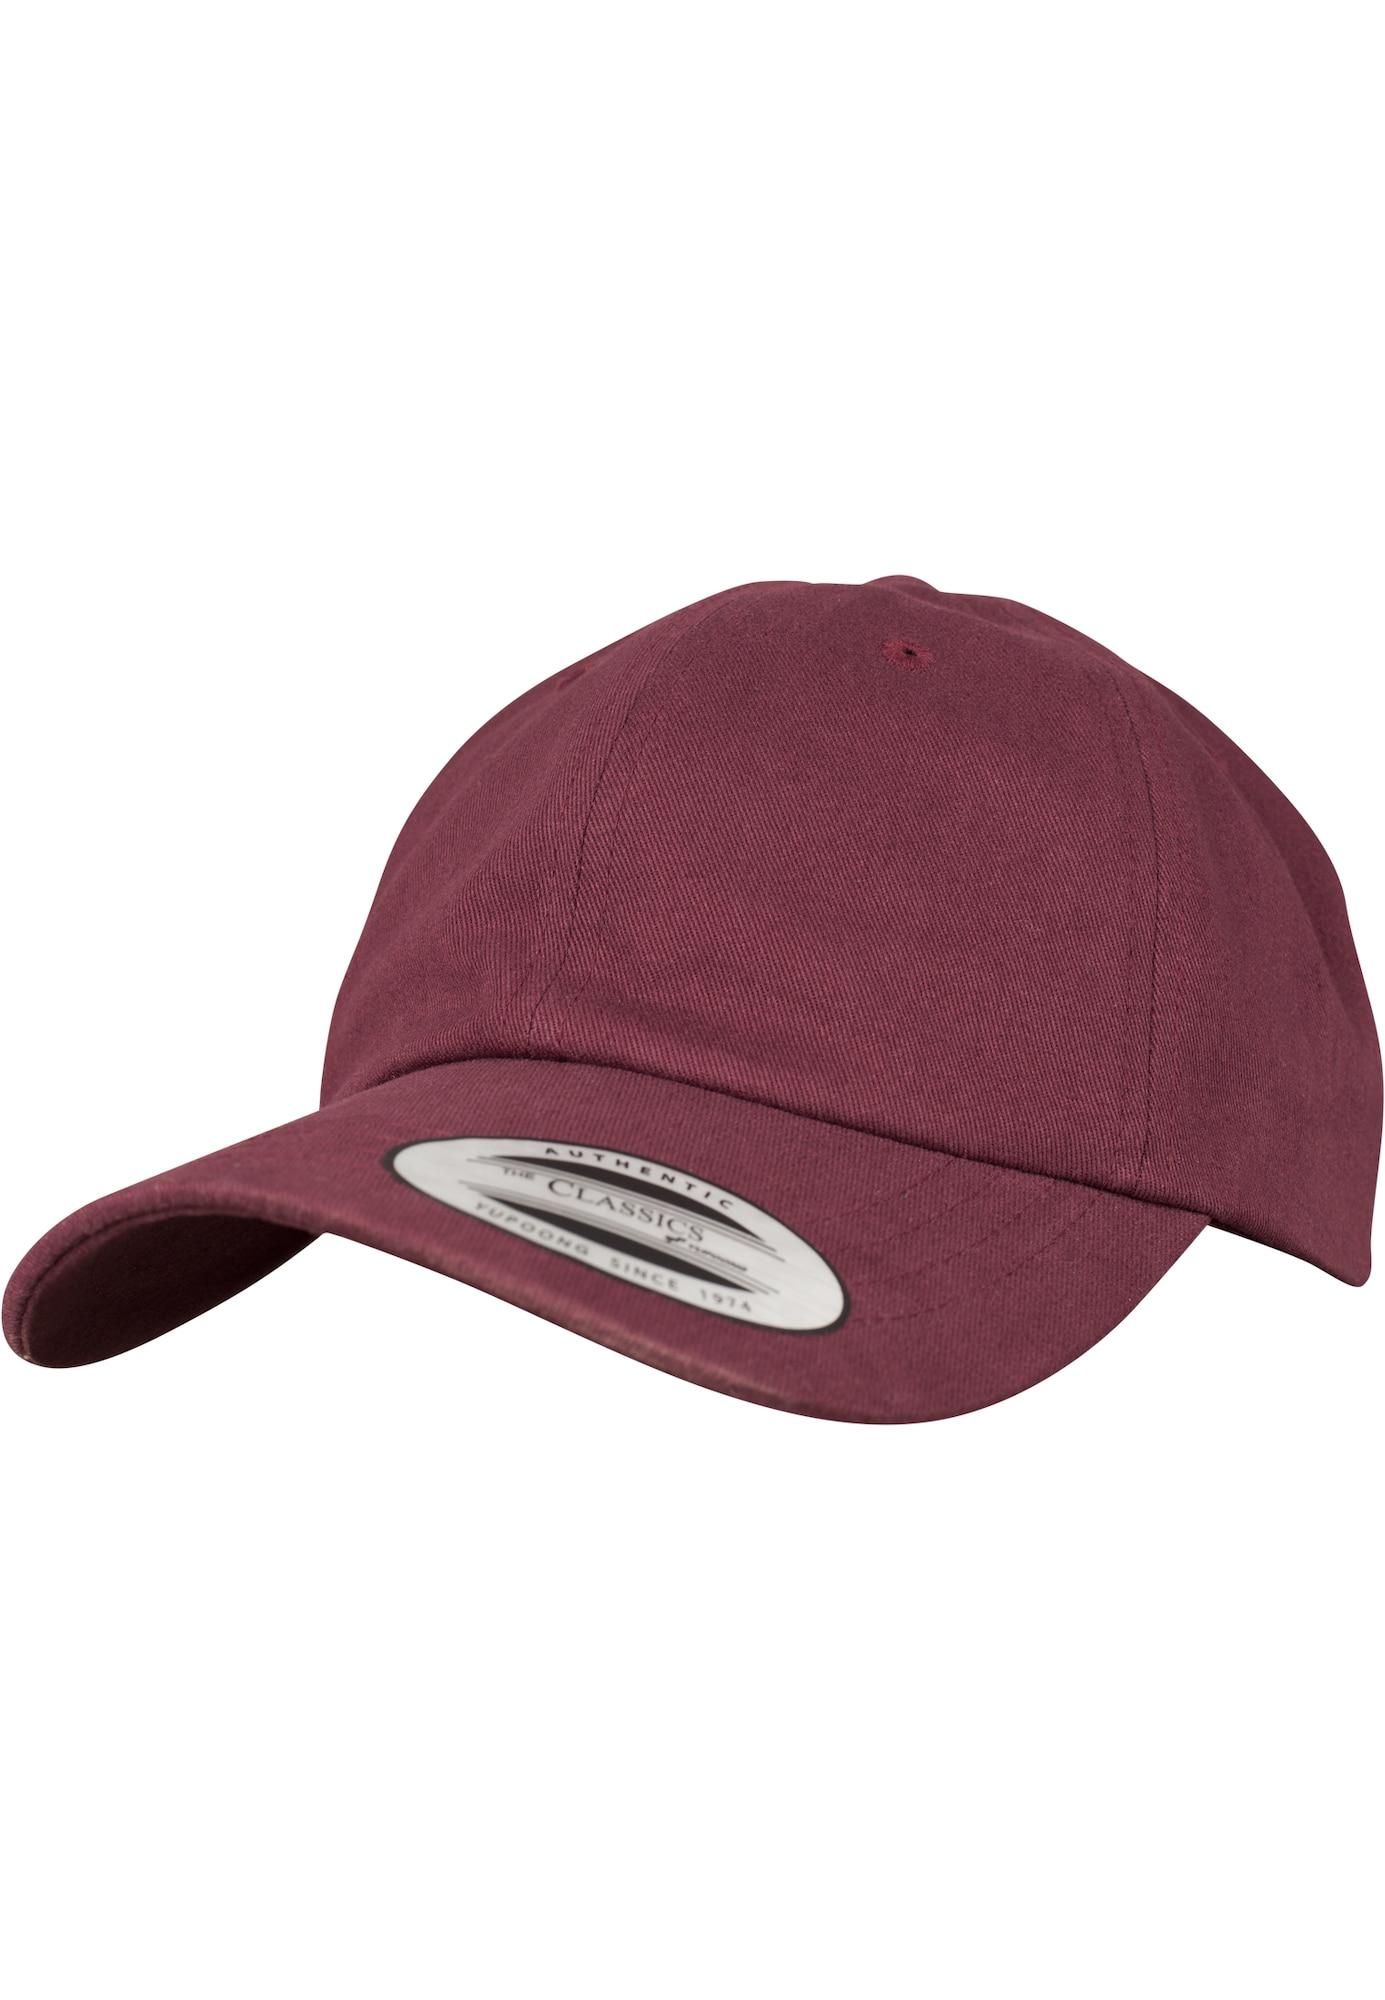 Flexfit Kepurė skaisti avietinė ar rubino spalva